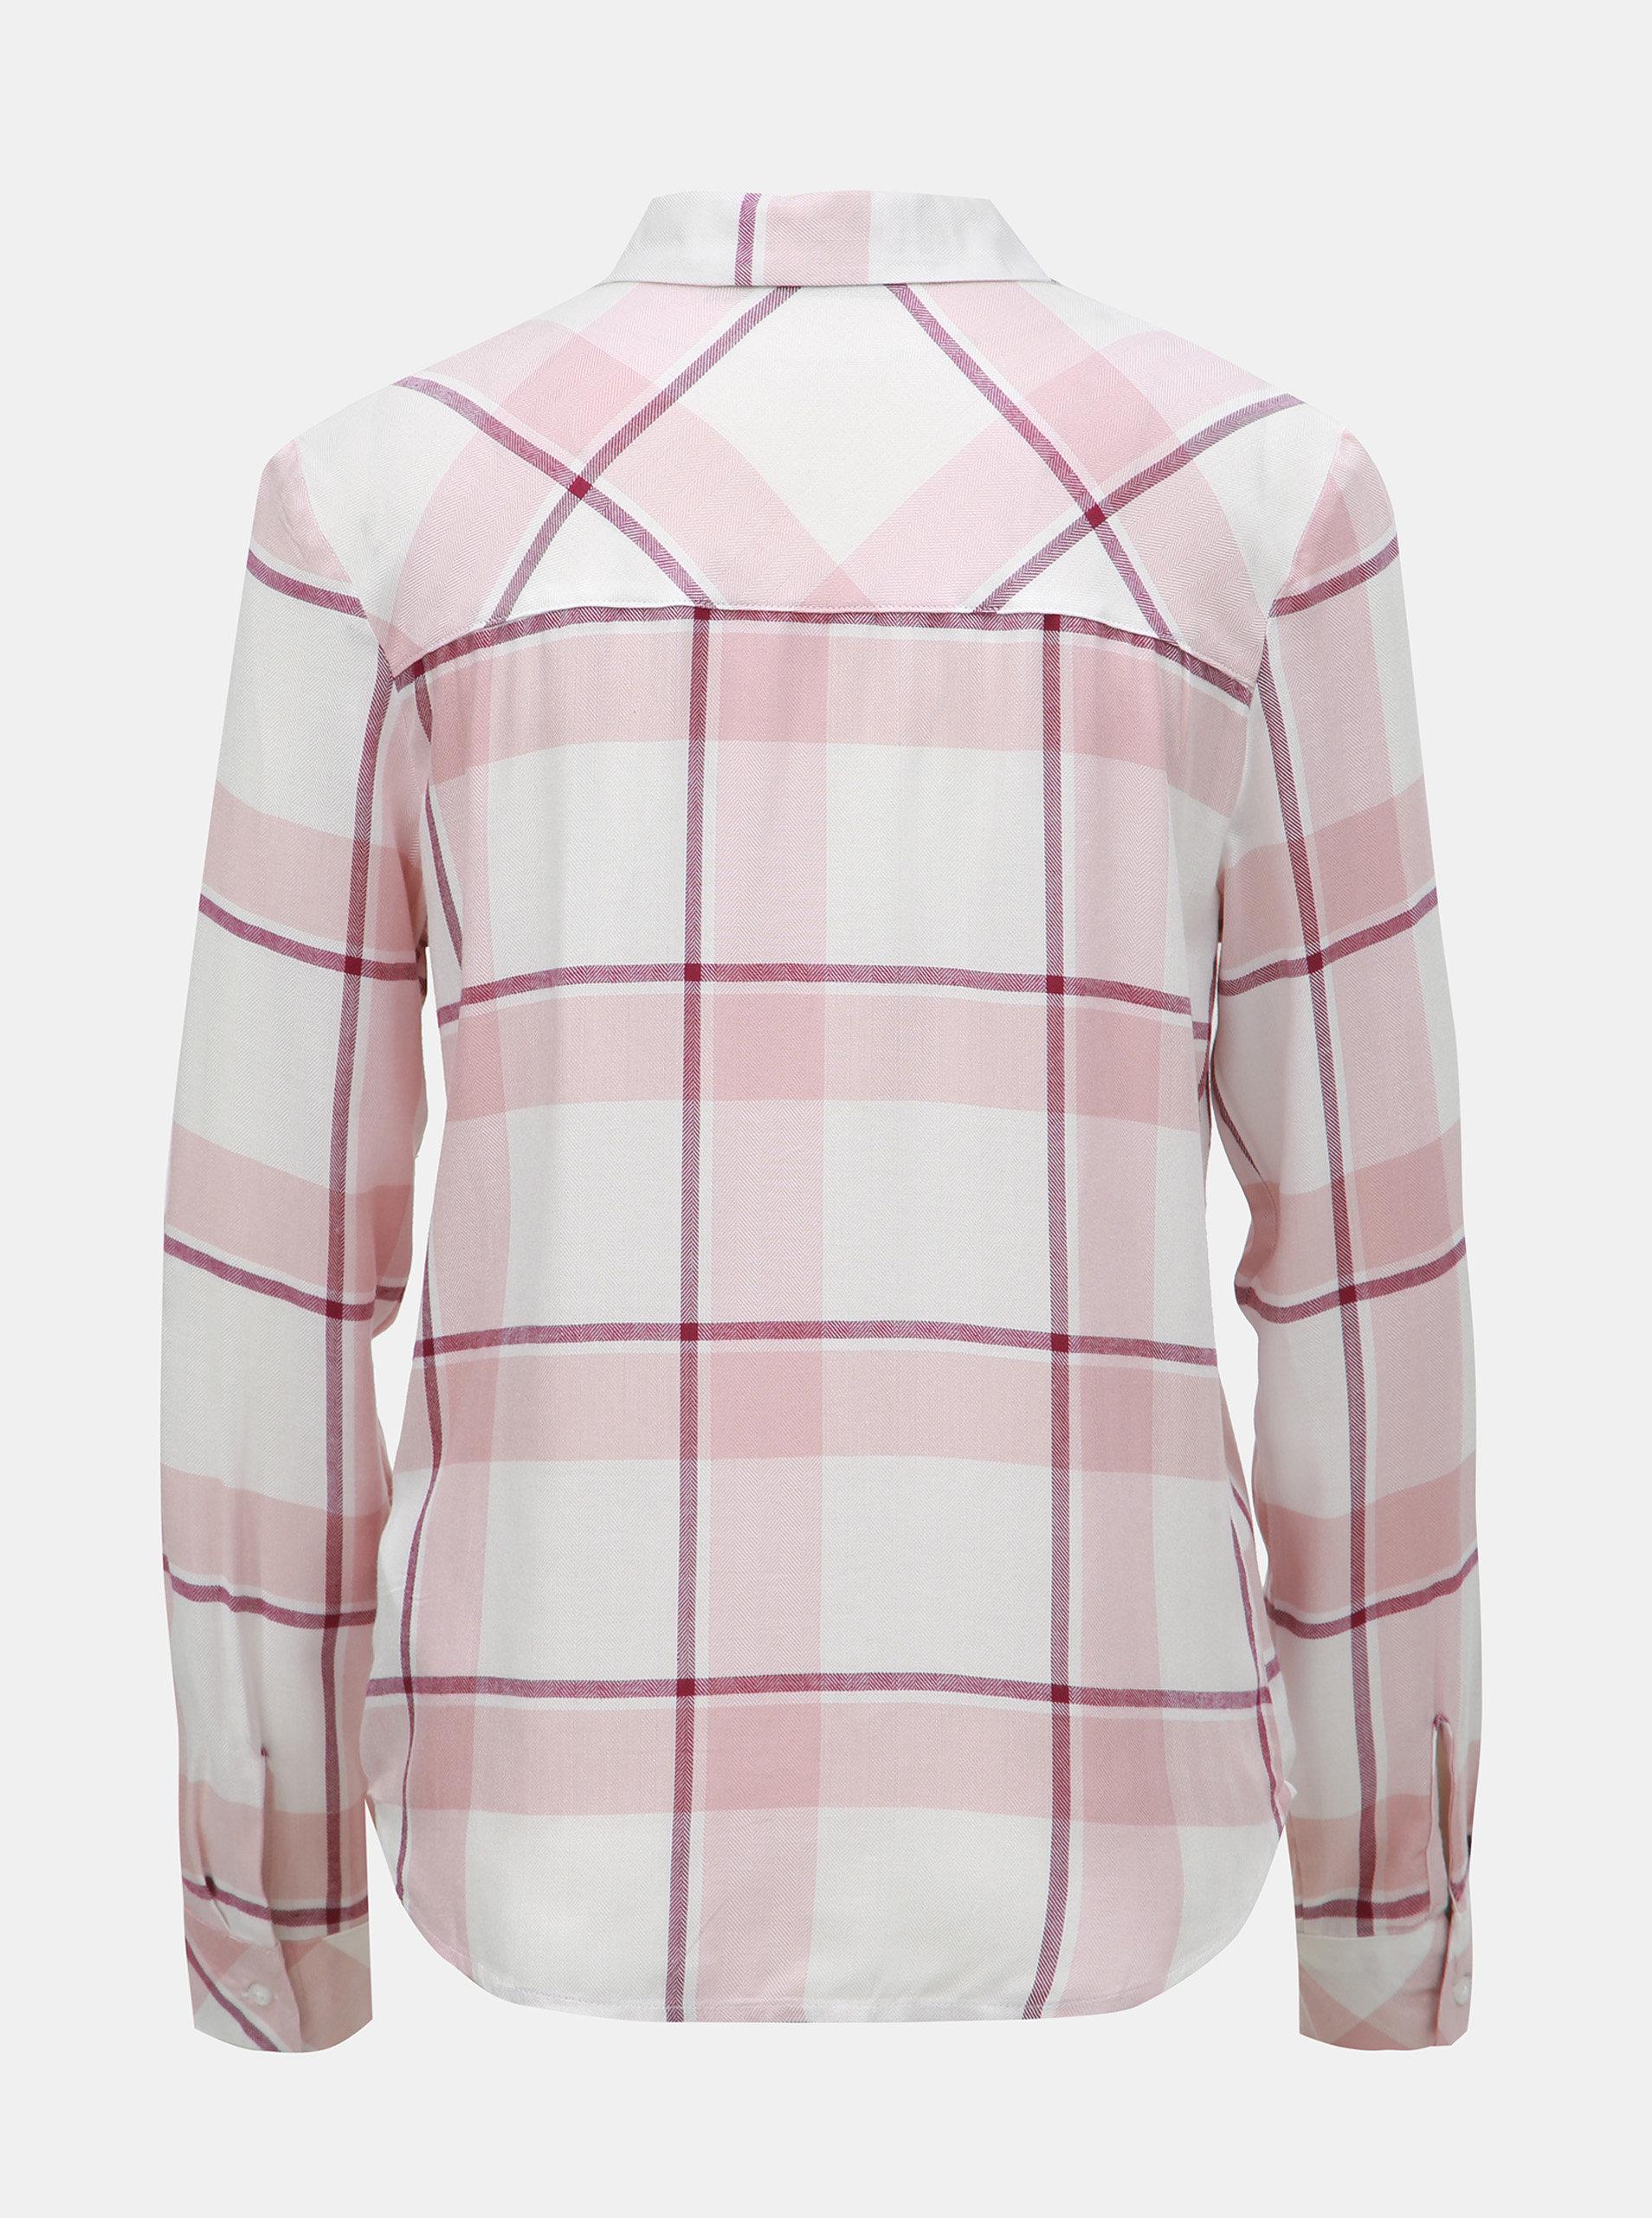 8d284295878 Bílo-růžová kostkovaná košile s náprsními kapsami TALLY WEiJL ...